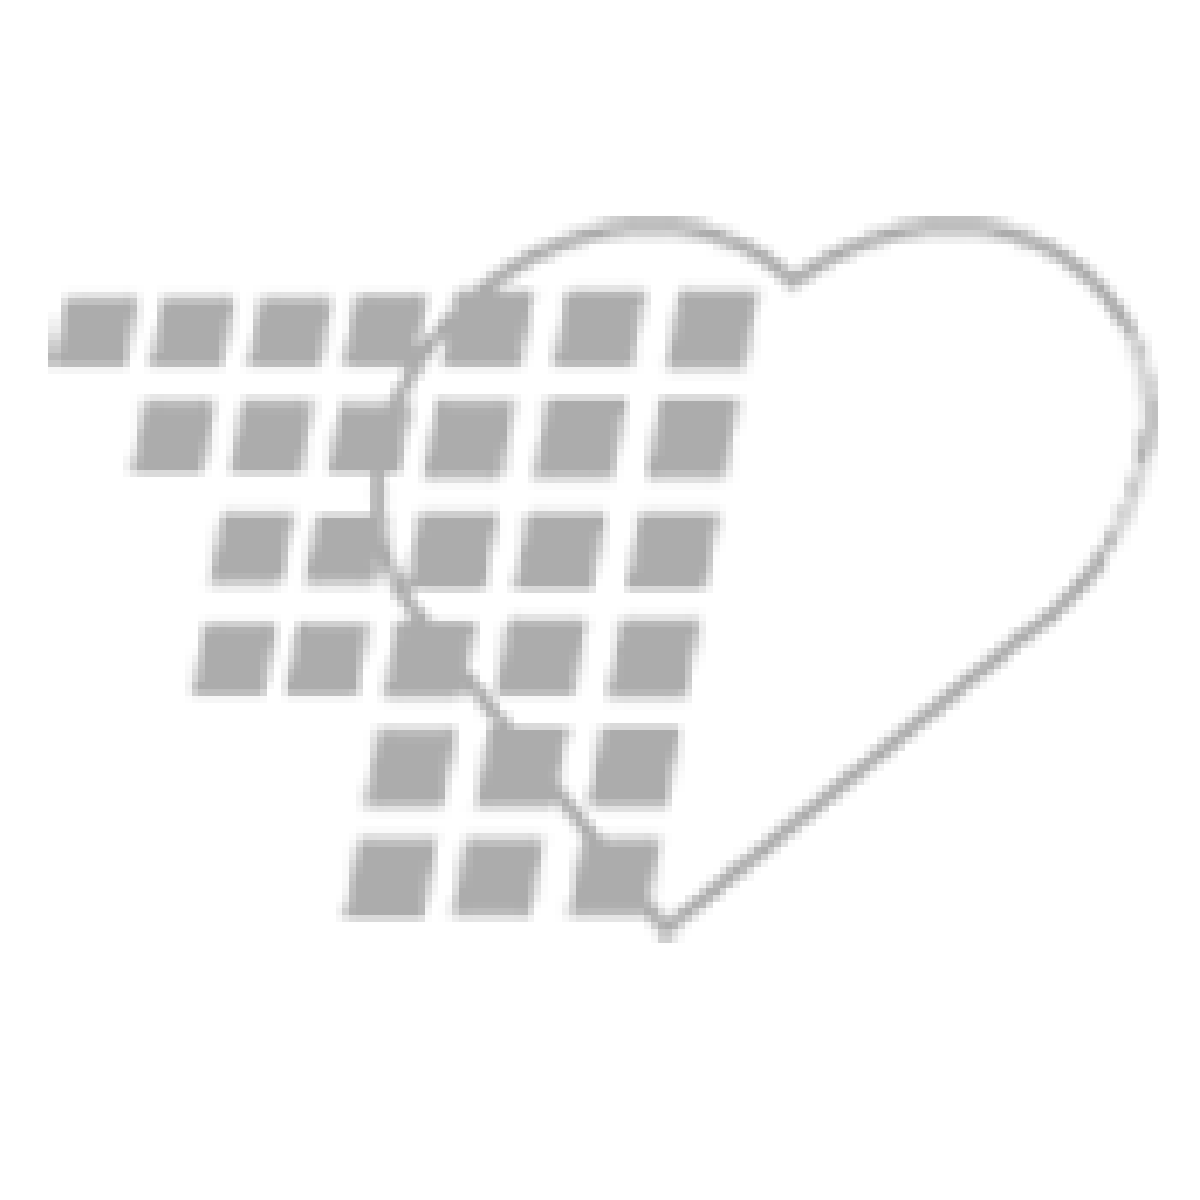 06-93-1503 Demo Dose® Simulated Ipratropium Bromide 0.02%